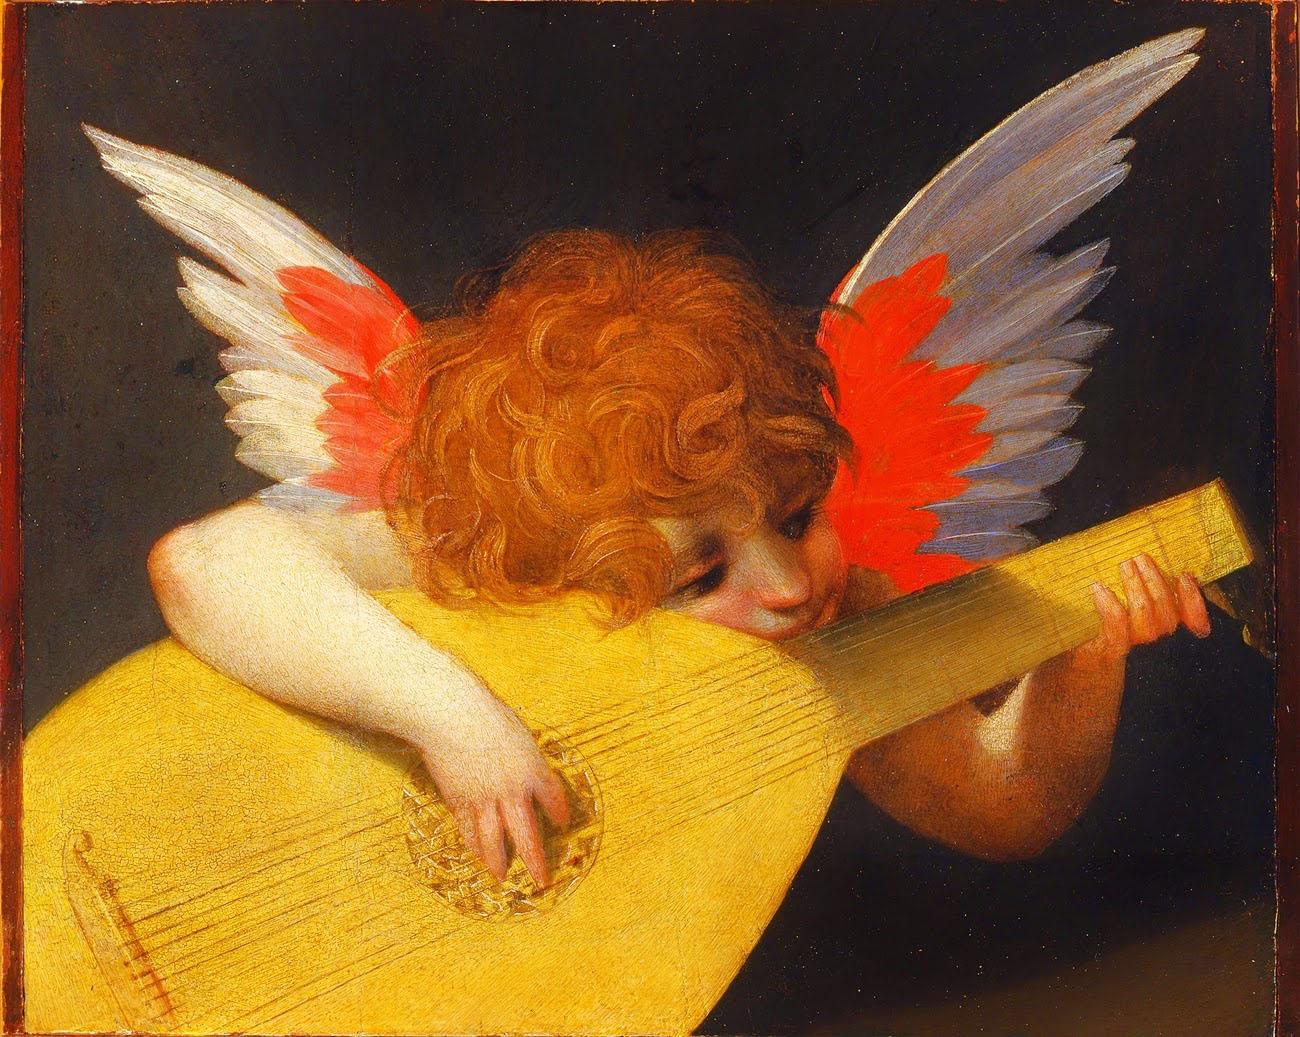 Rosso+Fiorentino+-+Musician+Angel,+1518+1